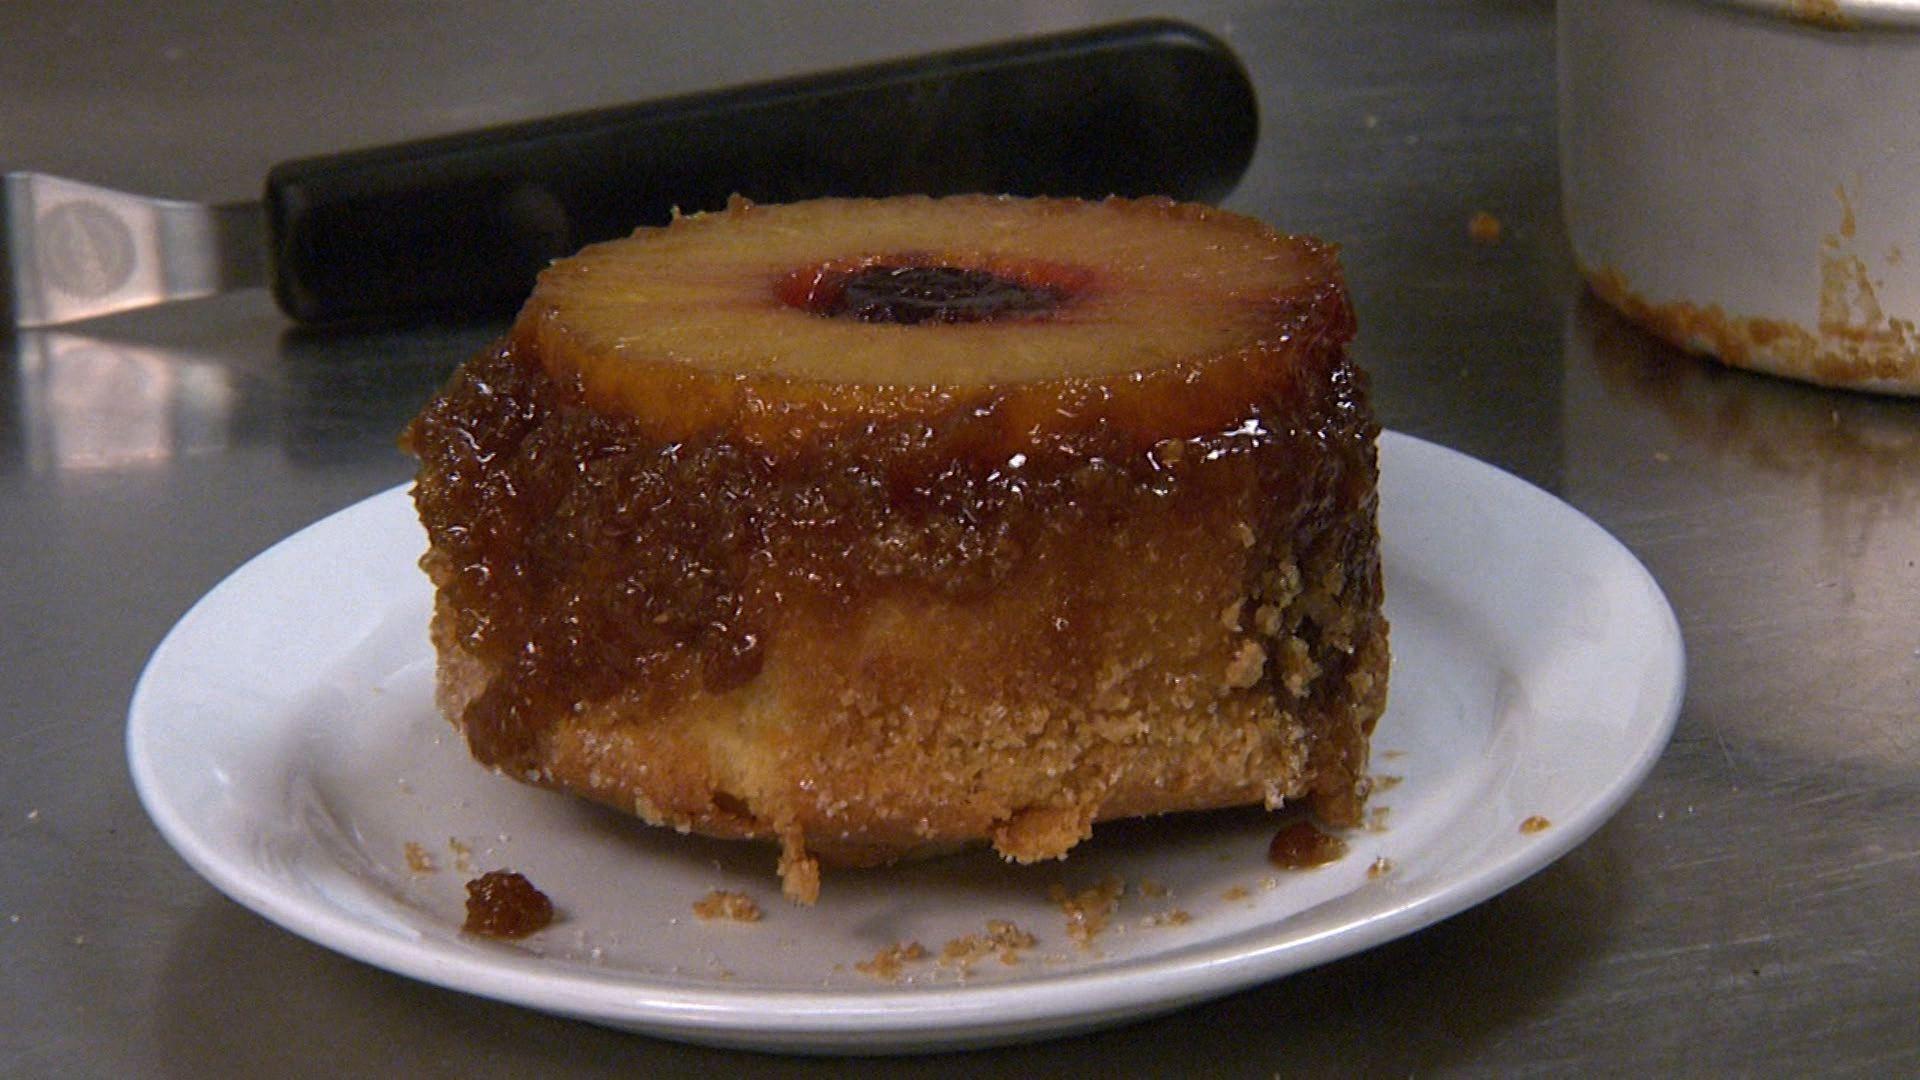 Buy Pineapple Upside Down Cake Online